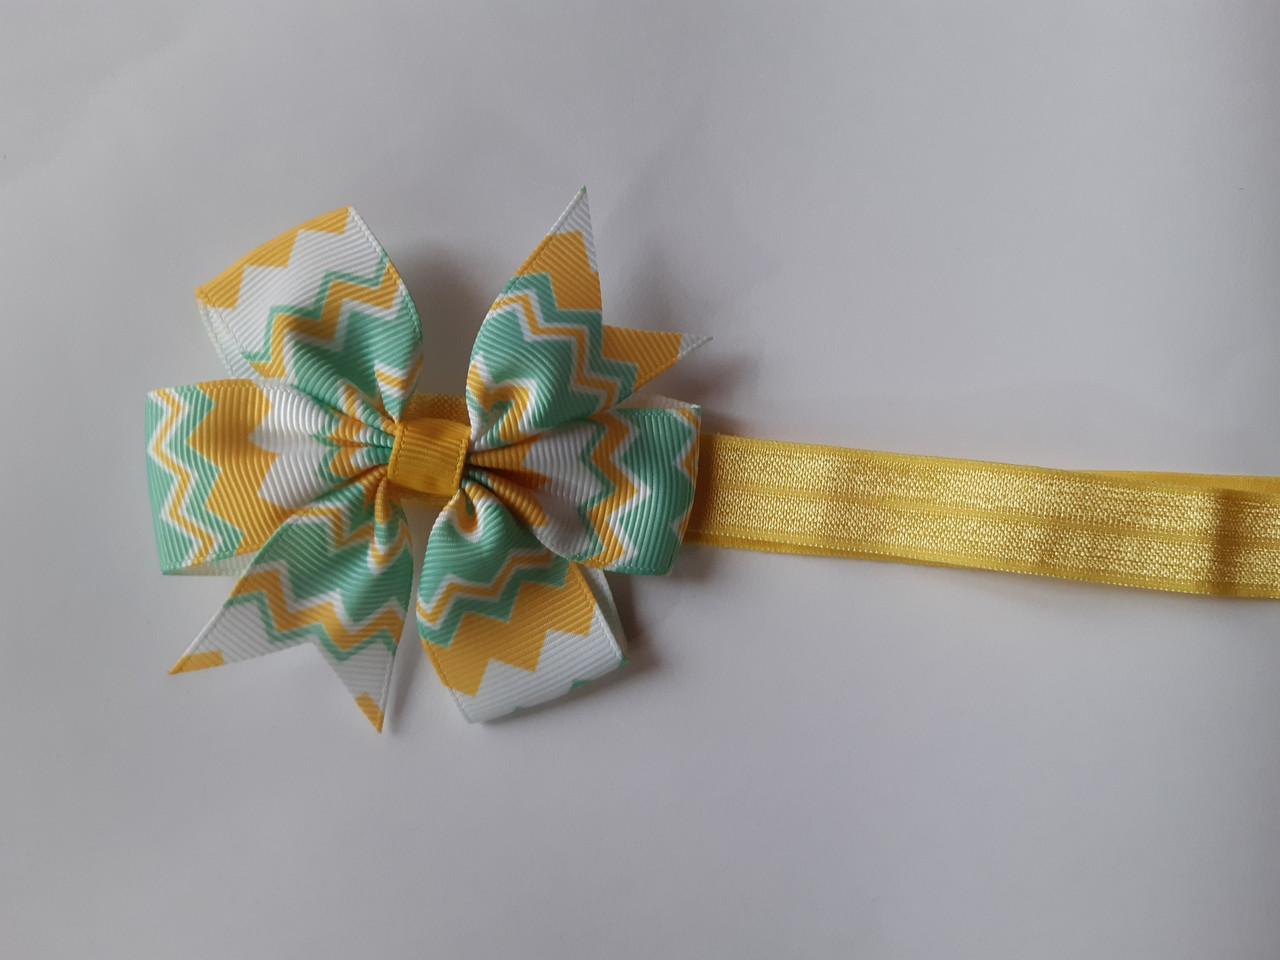 Разноцветная детская повязка на голову для ребенка желтая - размер универсальный (на резинке), бантик 8см